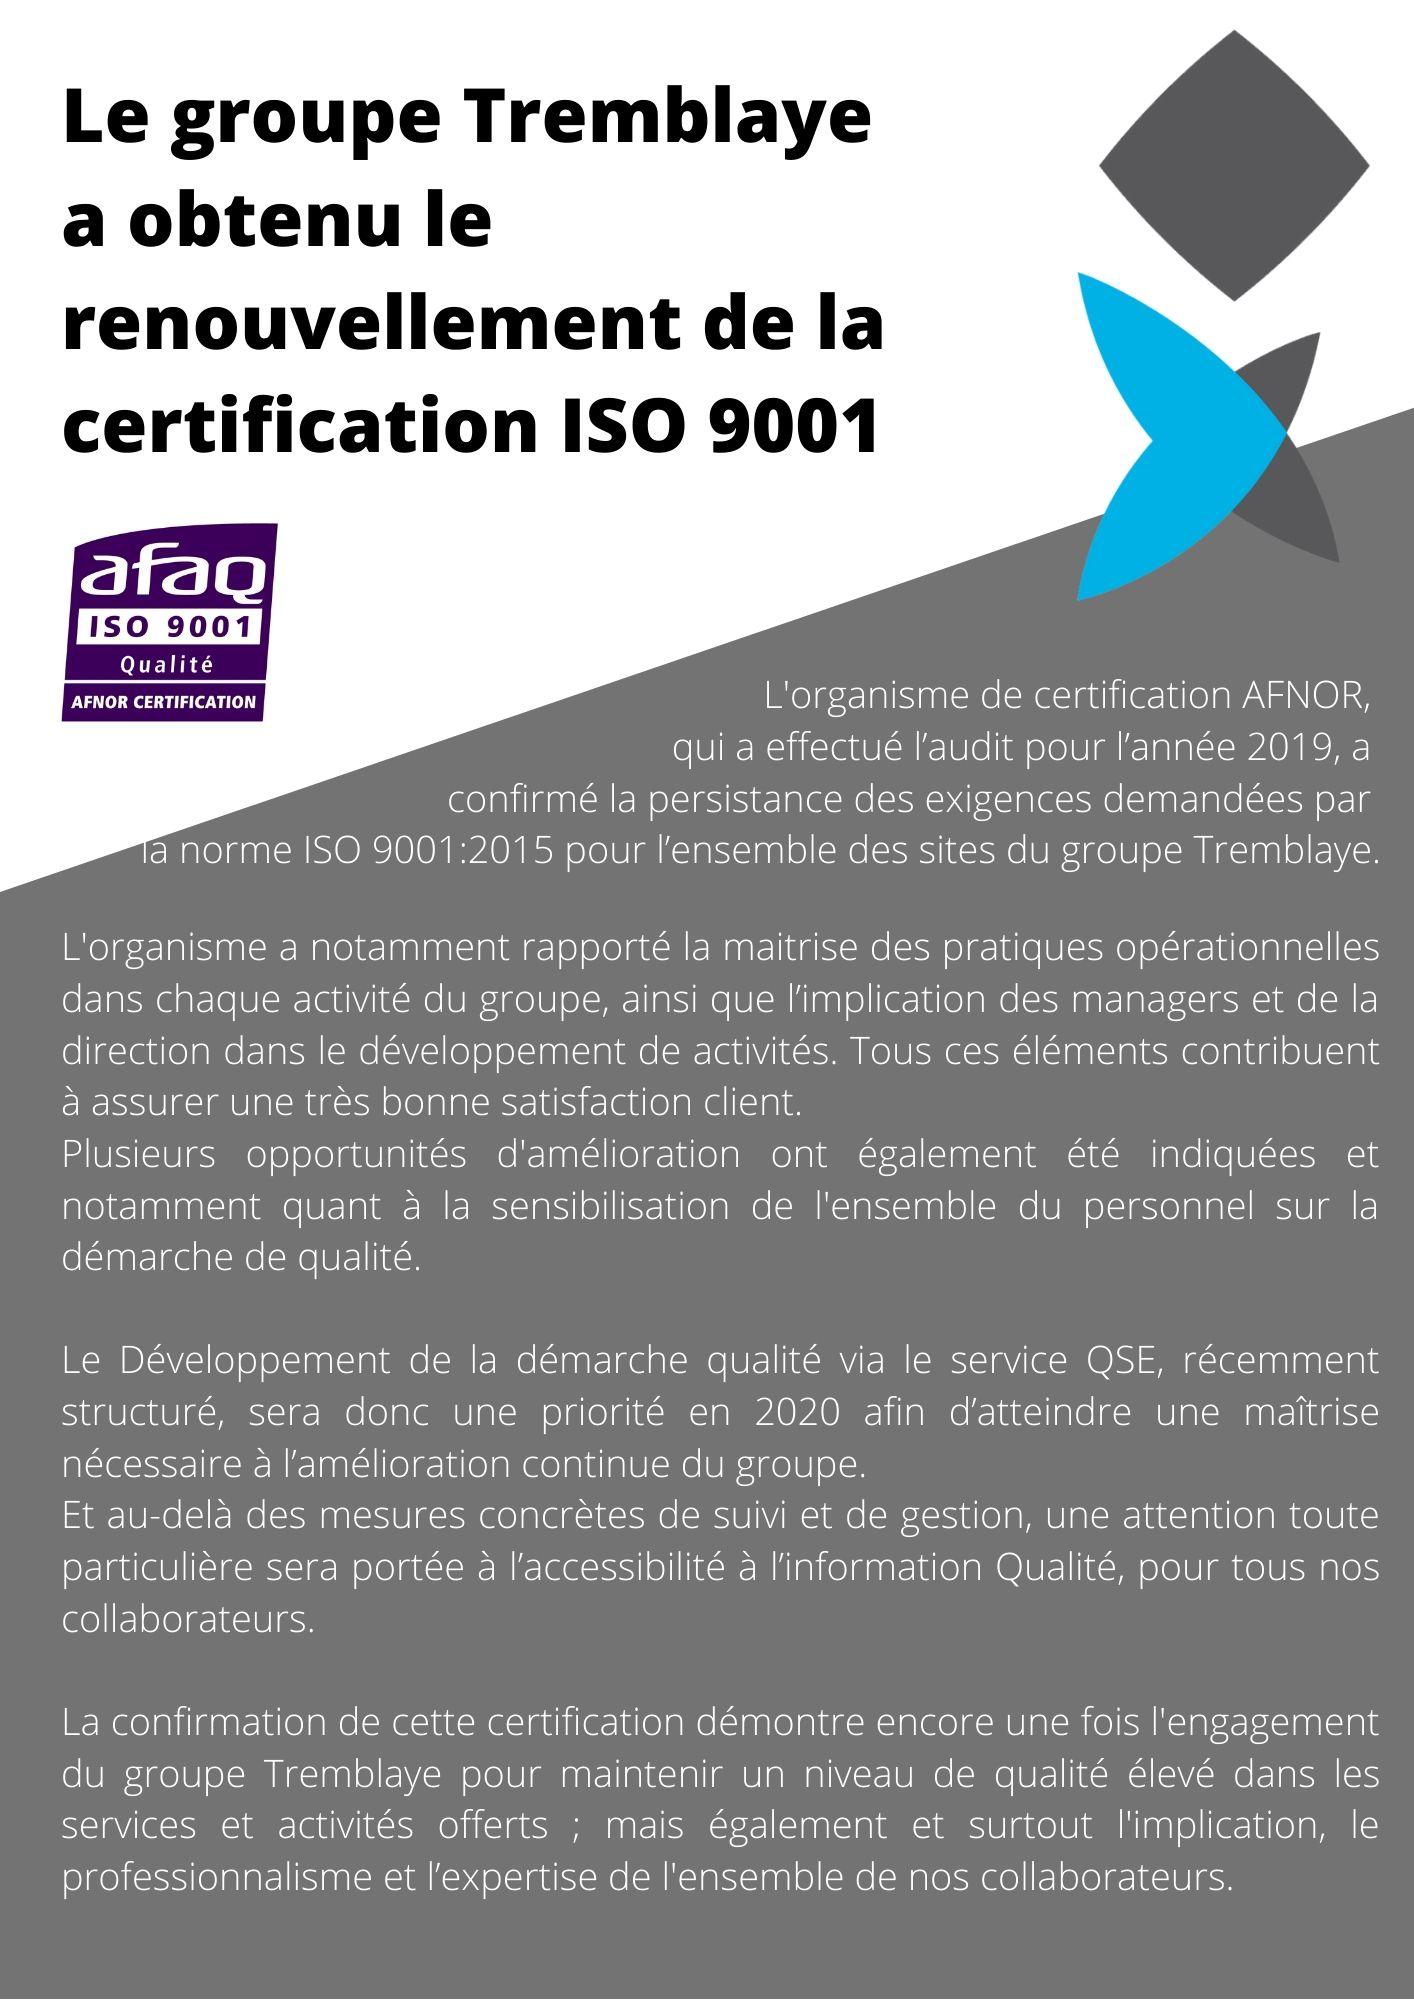 https://www.tremblaye-sa.fr/sites/default/files/certification_afnor_2019.jpg